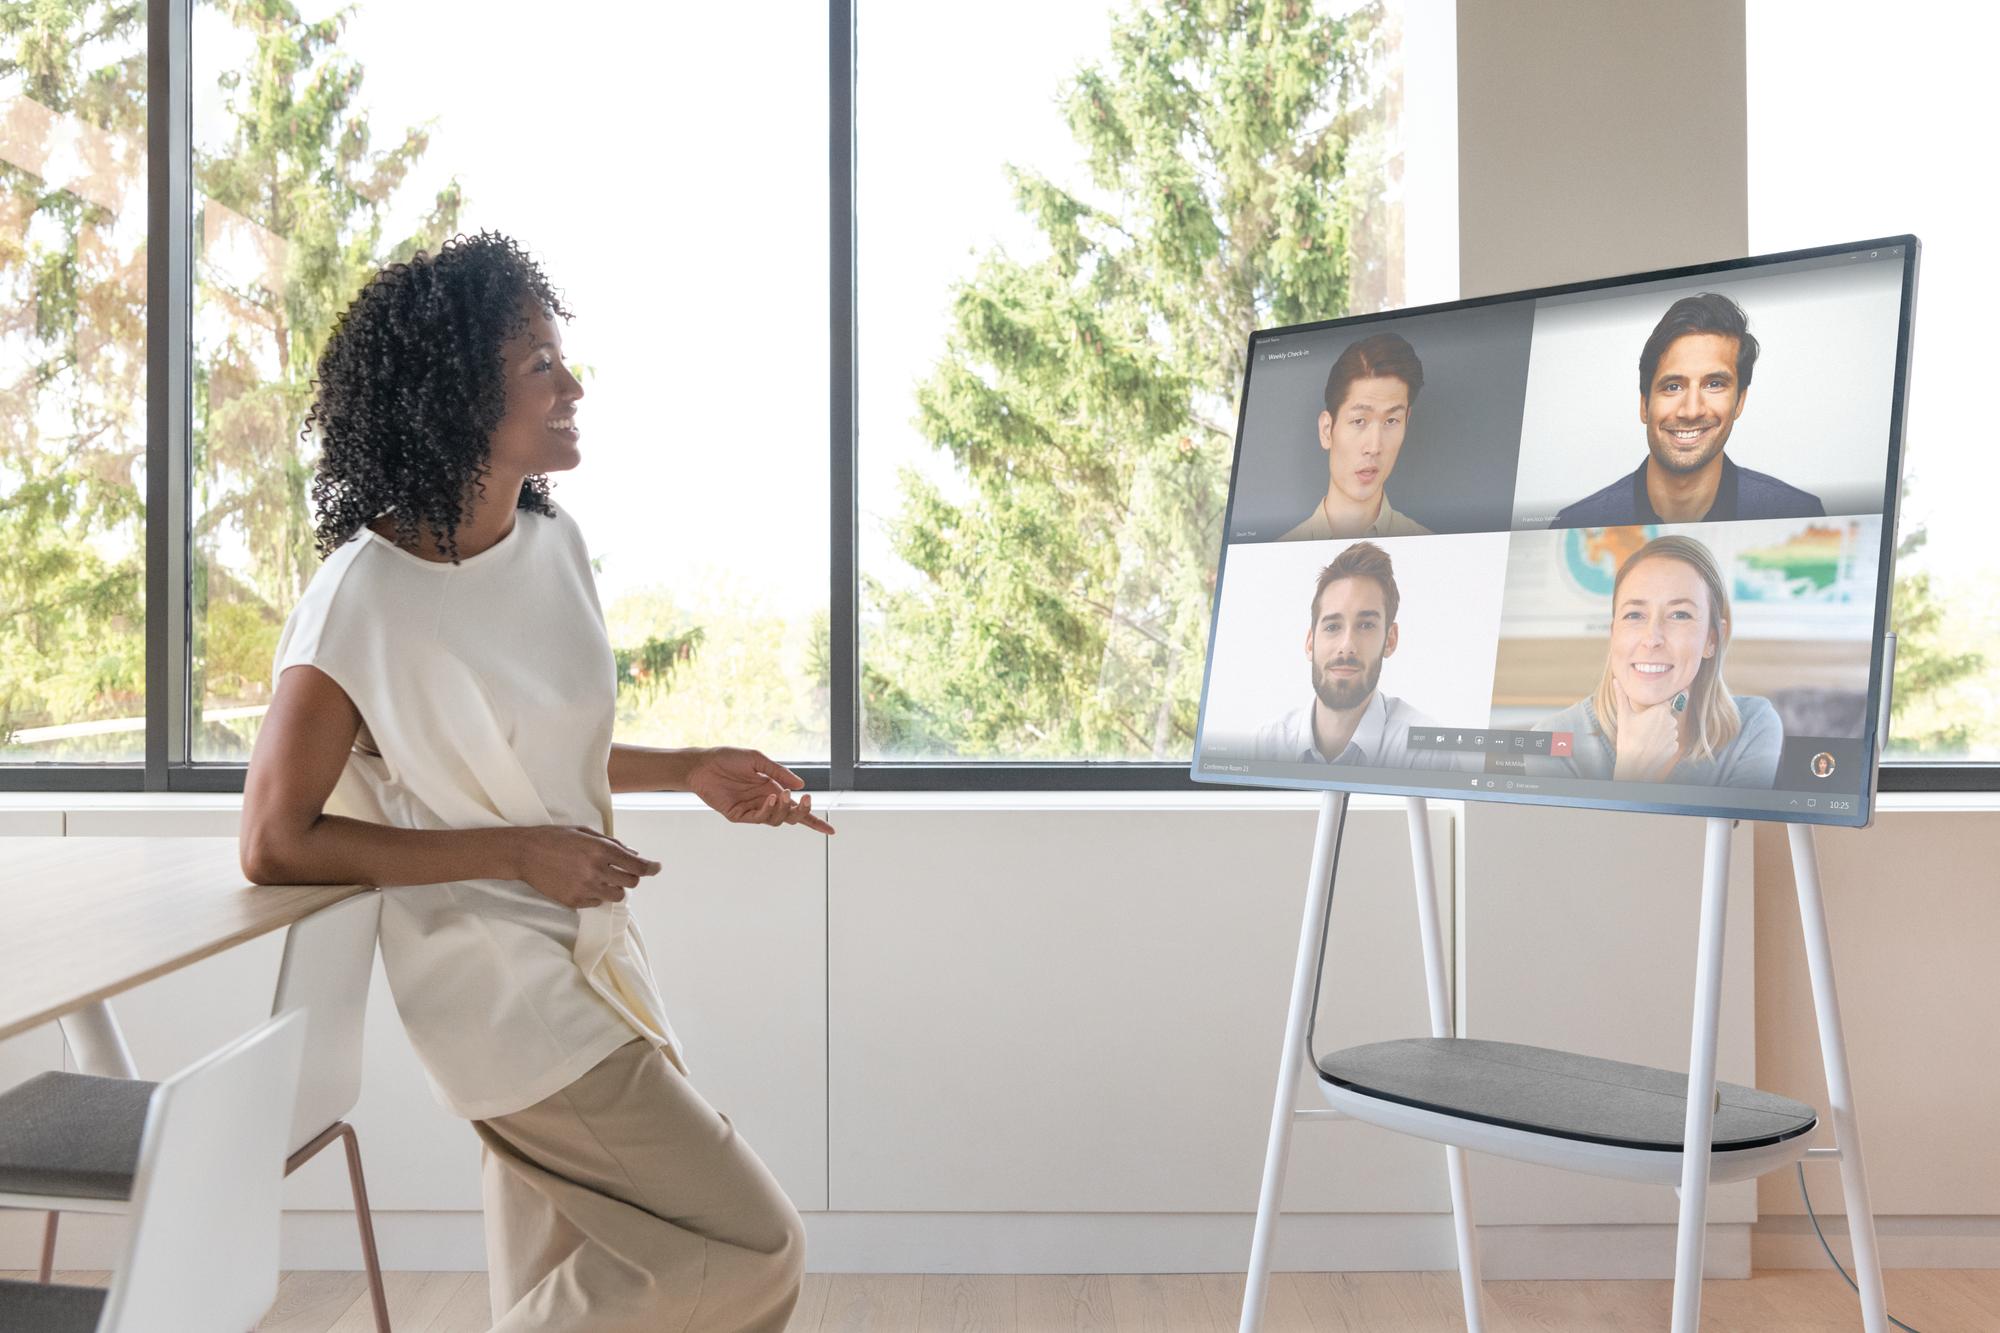 Eine Frau spricht mit 4 Personen über das Surface Hub in der geöffneten Microsoft Teams App in einem Video-Chat